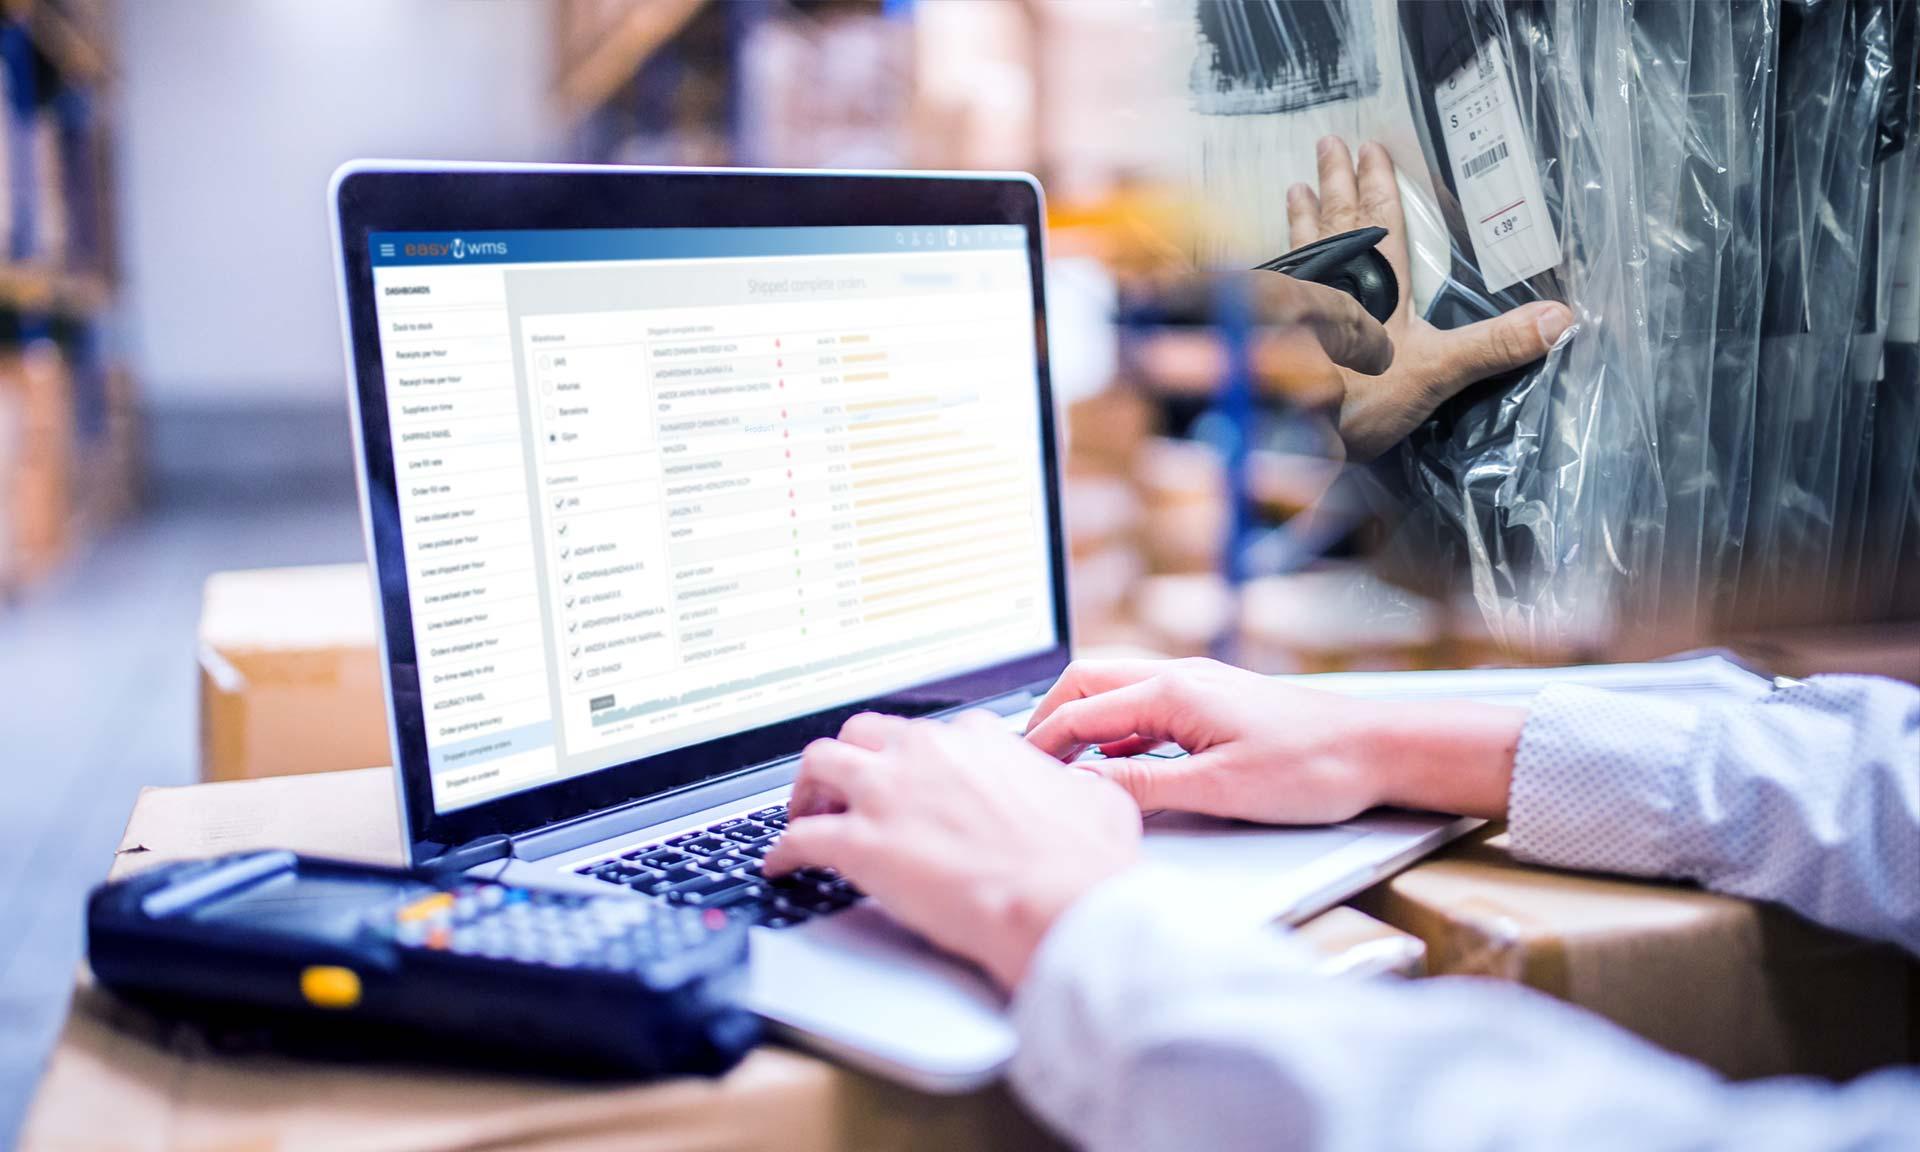 Funcionalidades avanzadas de Easy WMS como Marketplaces & E-commerce Platforms Integration garantizan eficiencia en la estrategia omnicanal